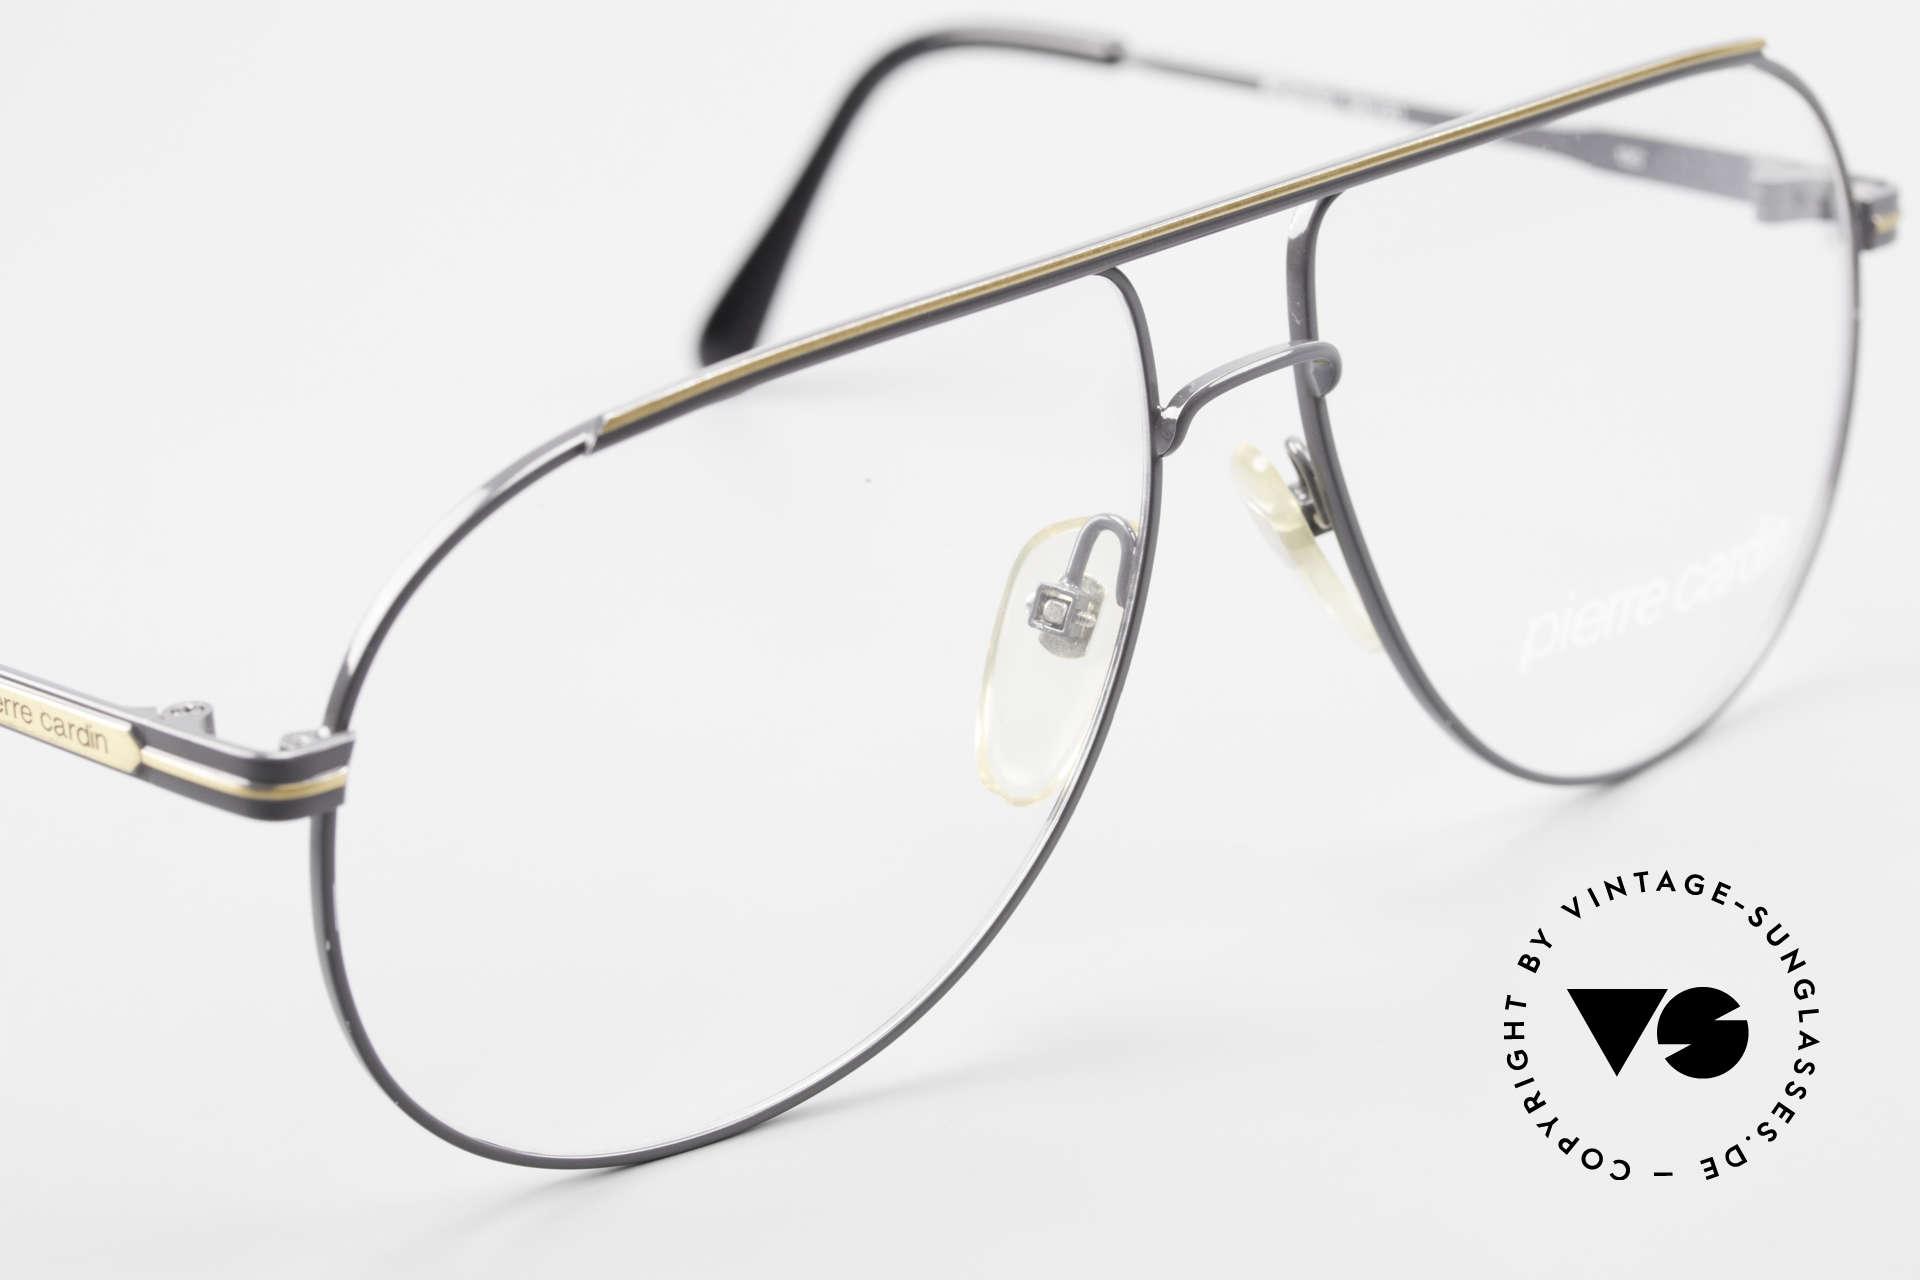 Pierre Cardin 803 80er Tropfenform Herrenbrille, ungetragen (wie all unsere vintage Fassungen), Passend für Herren